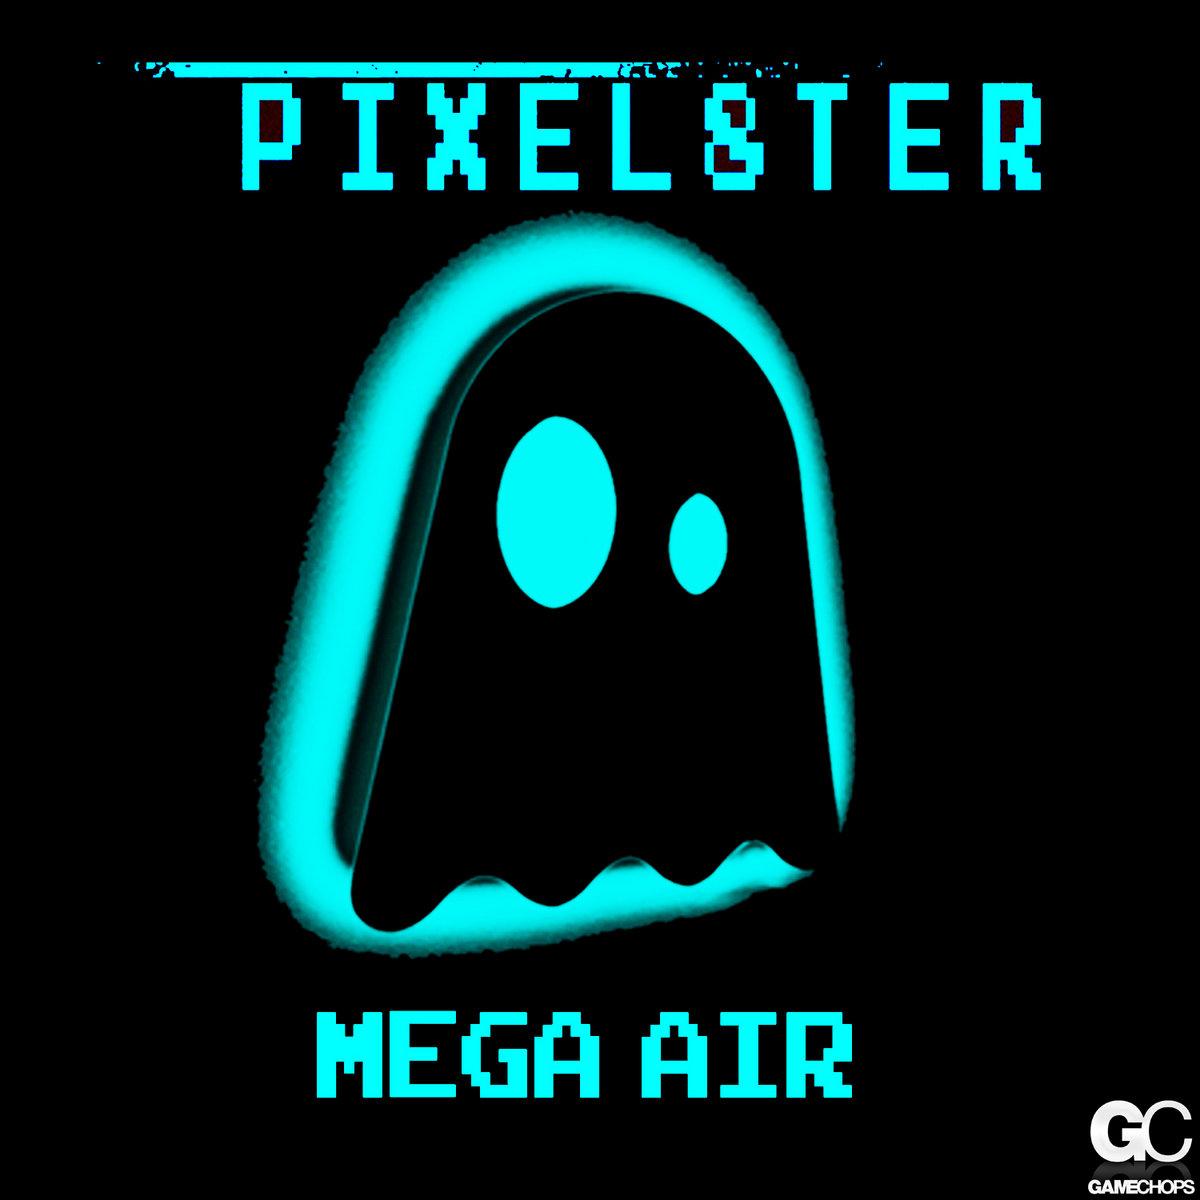 Pixel8ter | Mega Air